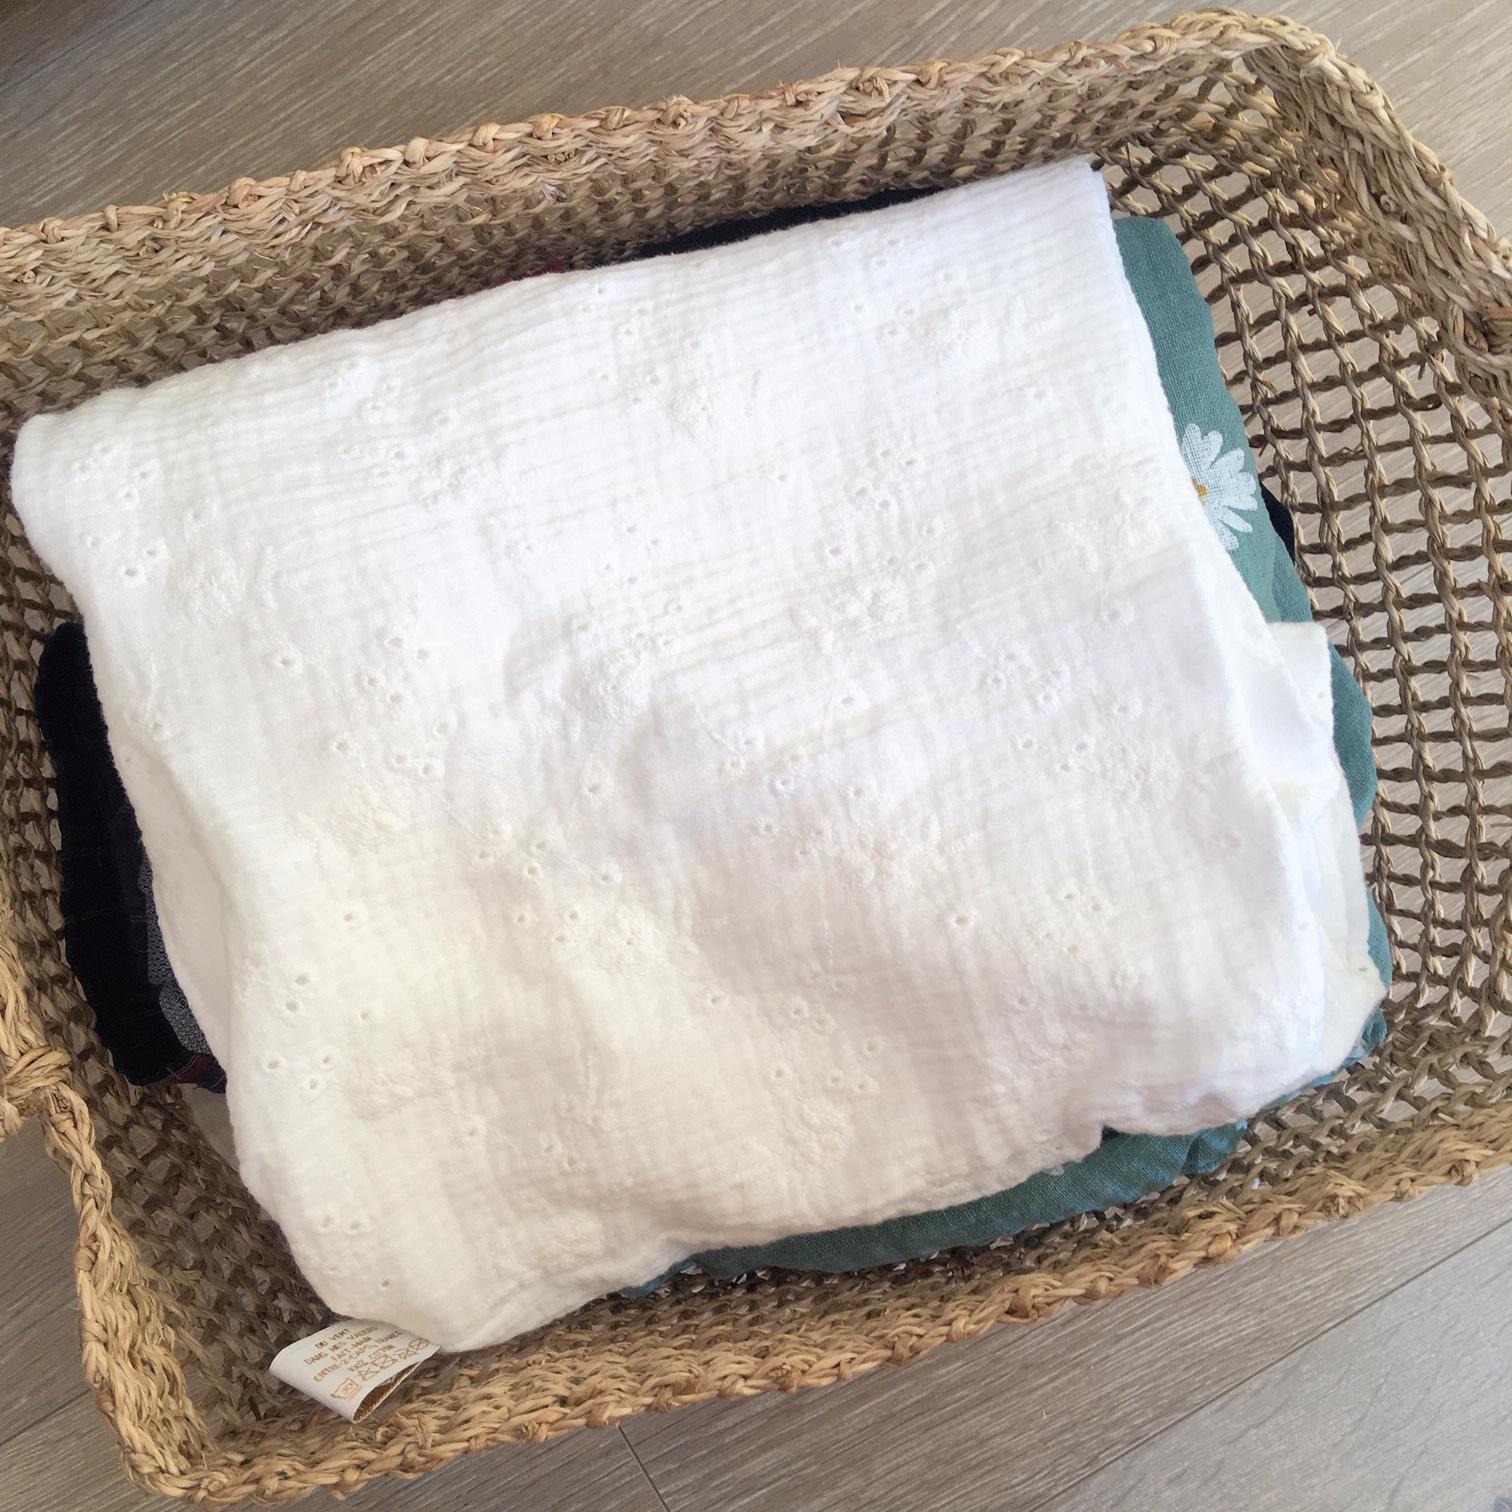 du vent dans mes valises - snood si doux écharpe tour de cou double gaze voile de coton blanc broderie anglaise fleurs brodées made in France